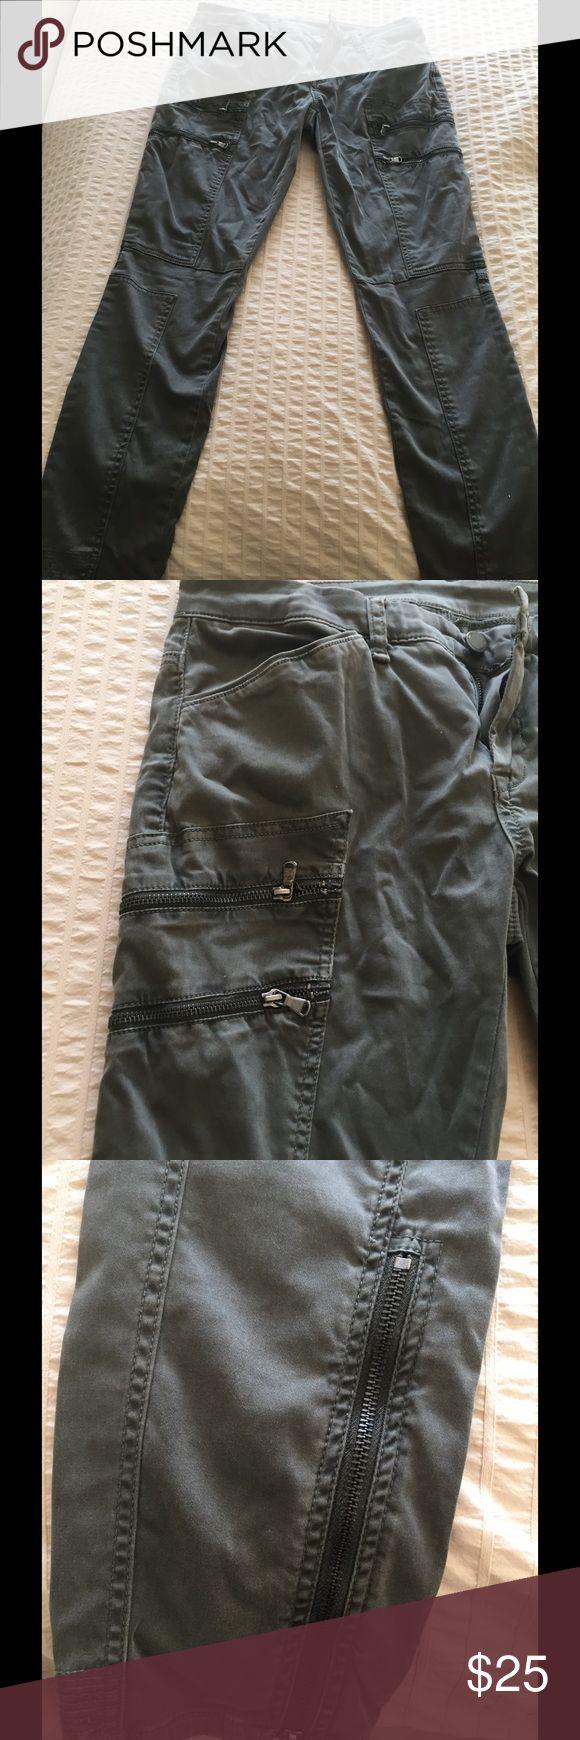 Blank denim cargo skinny jeans Blank NYC army green cargo skinny jeans. Size 28. Worn once. Excellent condition Blank Denim Jeans Skinny